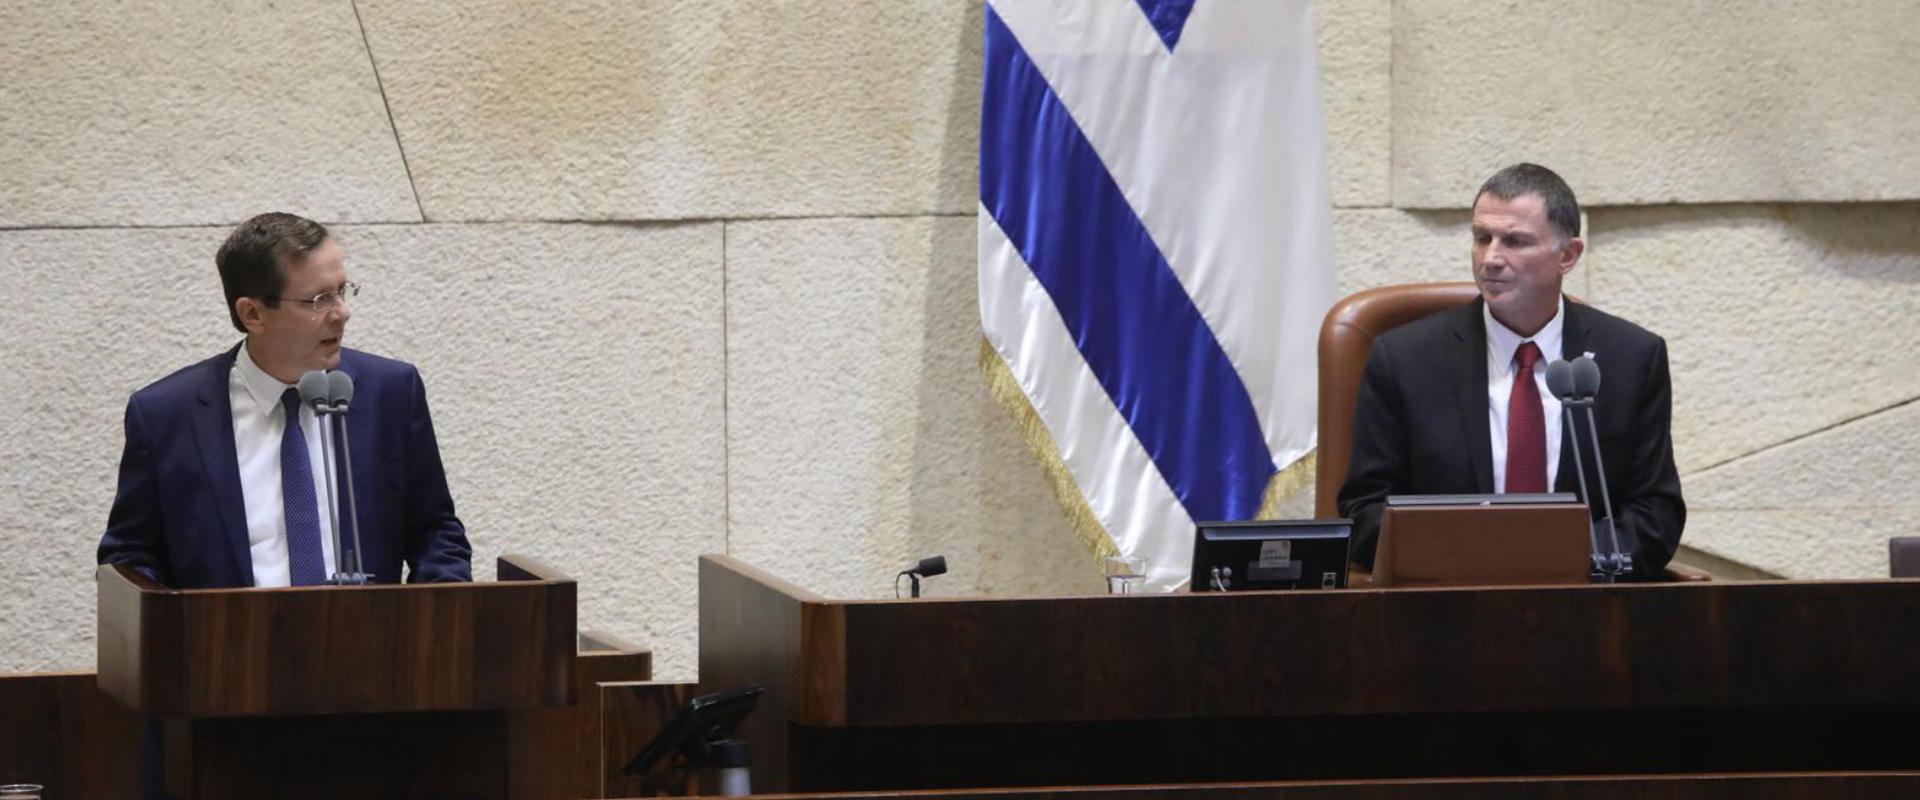 אדלשטיין והרצוג במליאת הכנסת